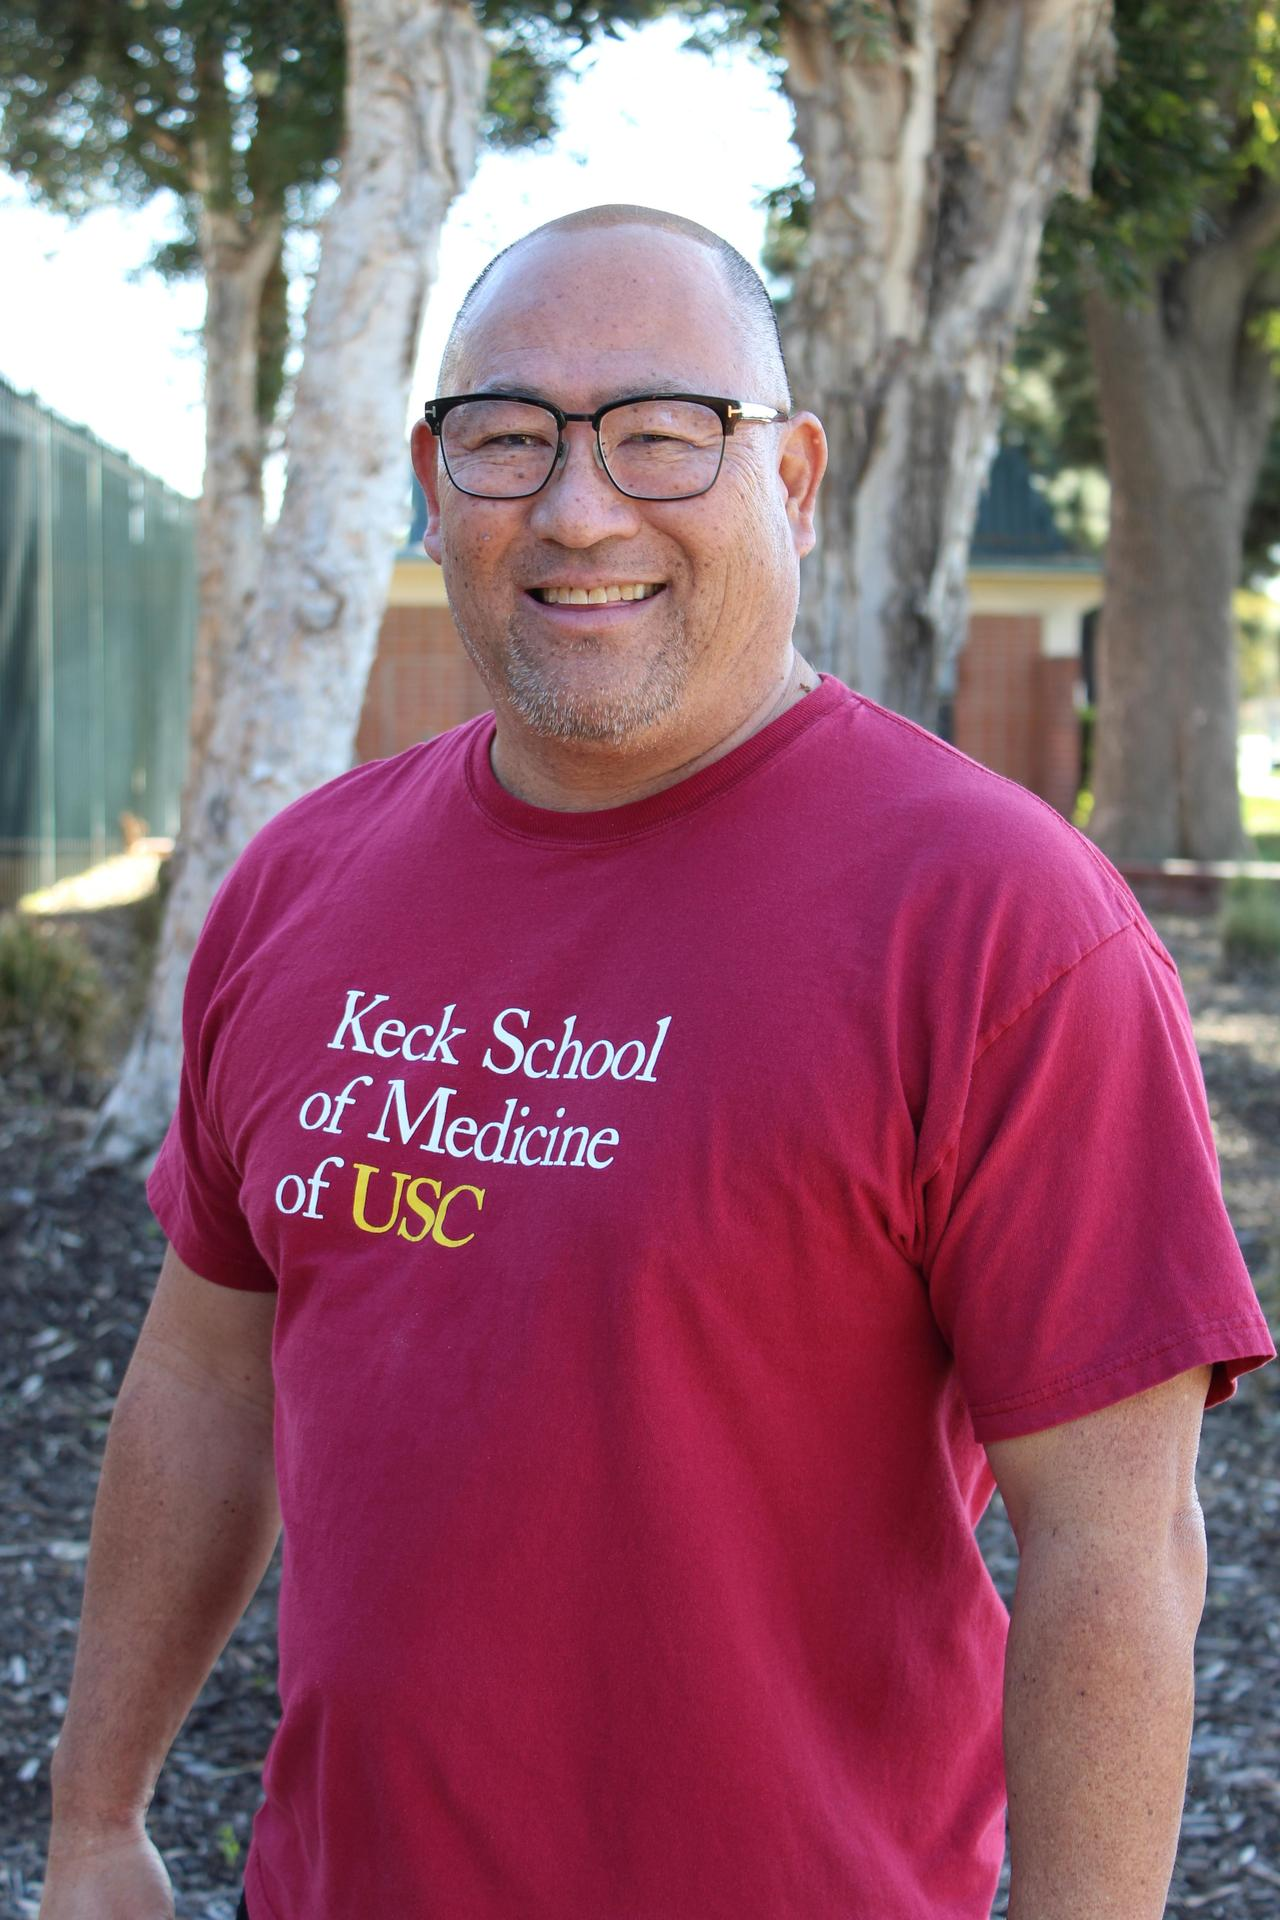 Rick Nakashima